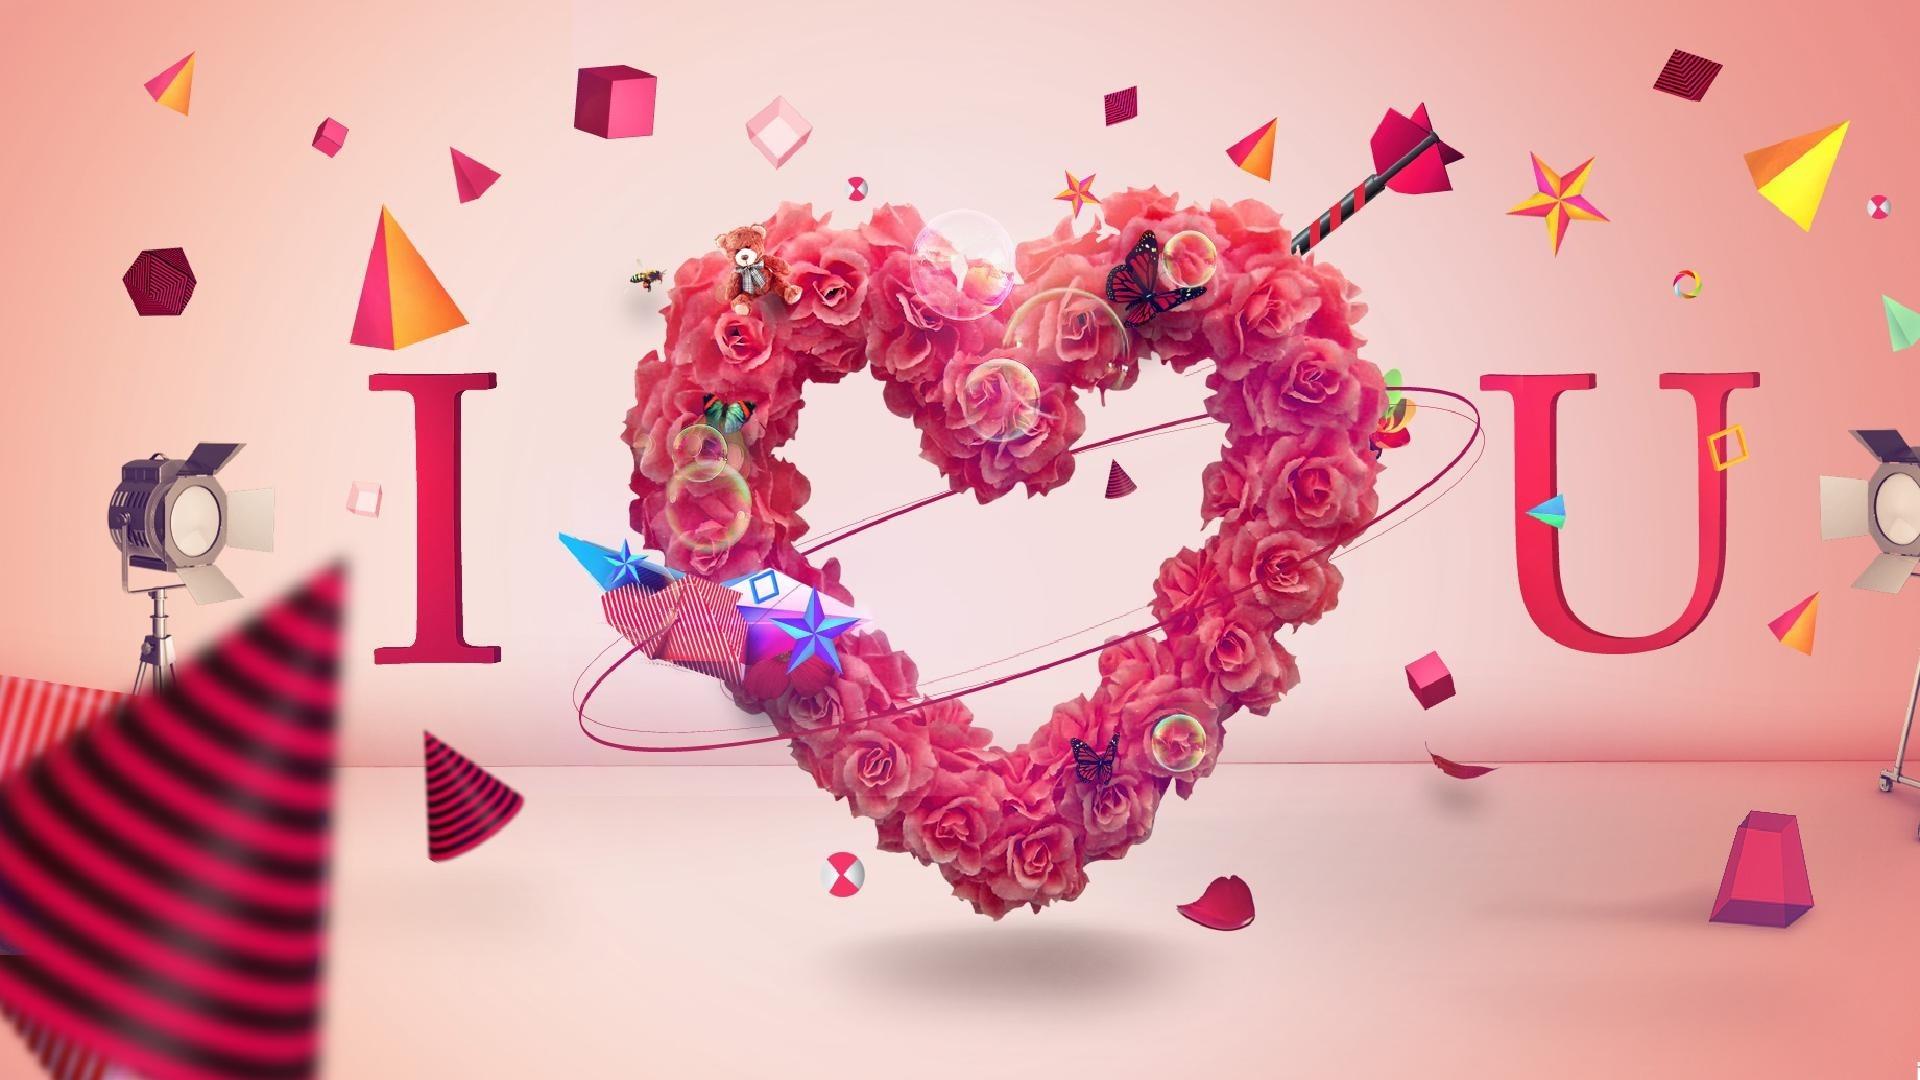 I Love You hd desktop wallpaper